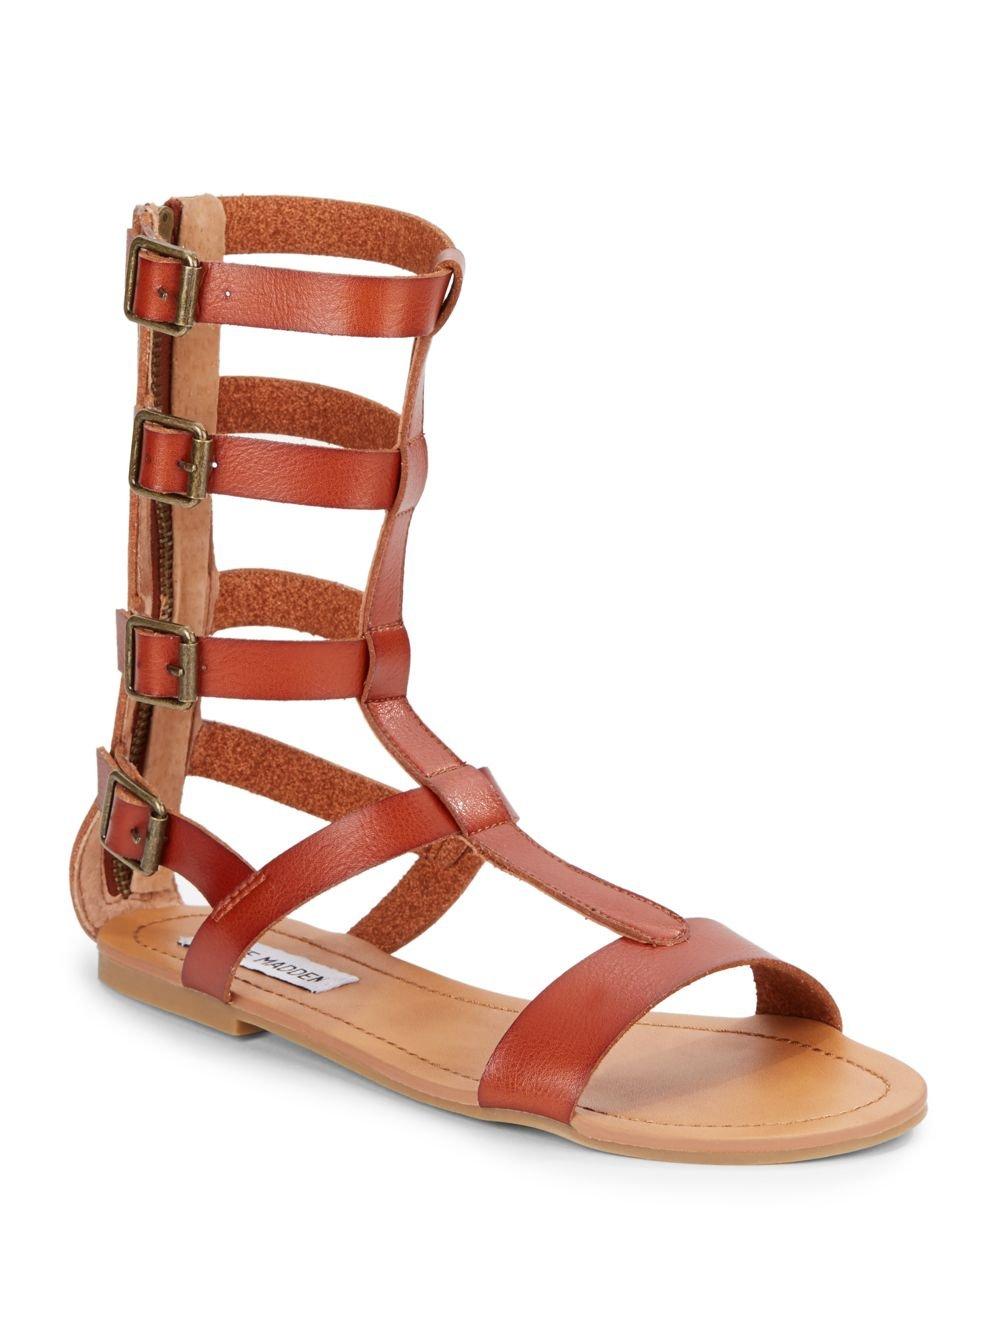 steve madden gunterr gladiator flat leather sandals in red cognac lyst. Black Bedroom Furniture Sets. Home Design Ideas